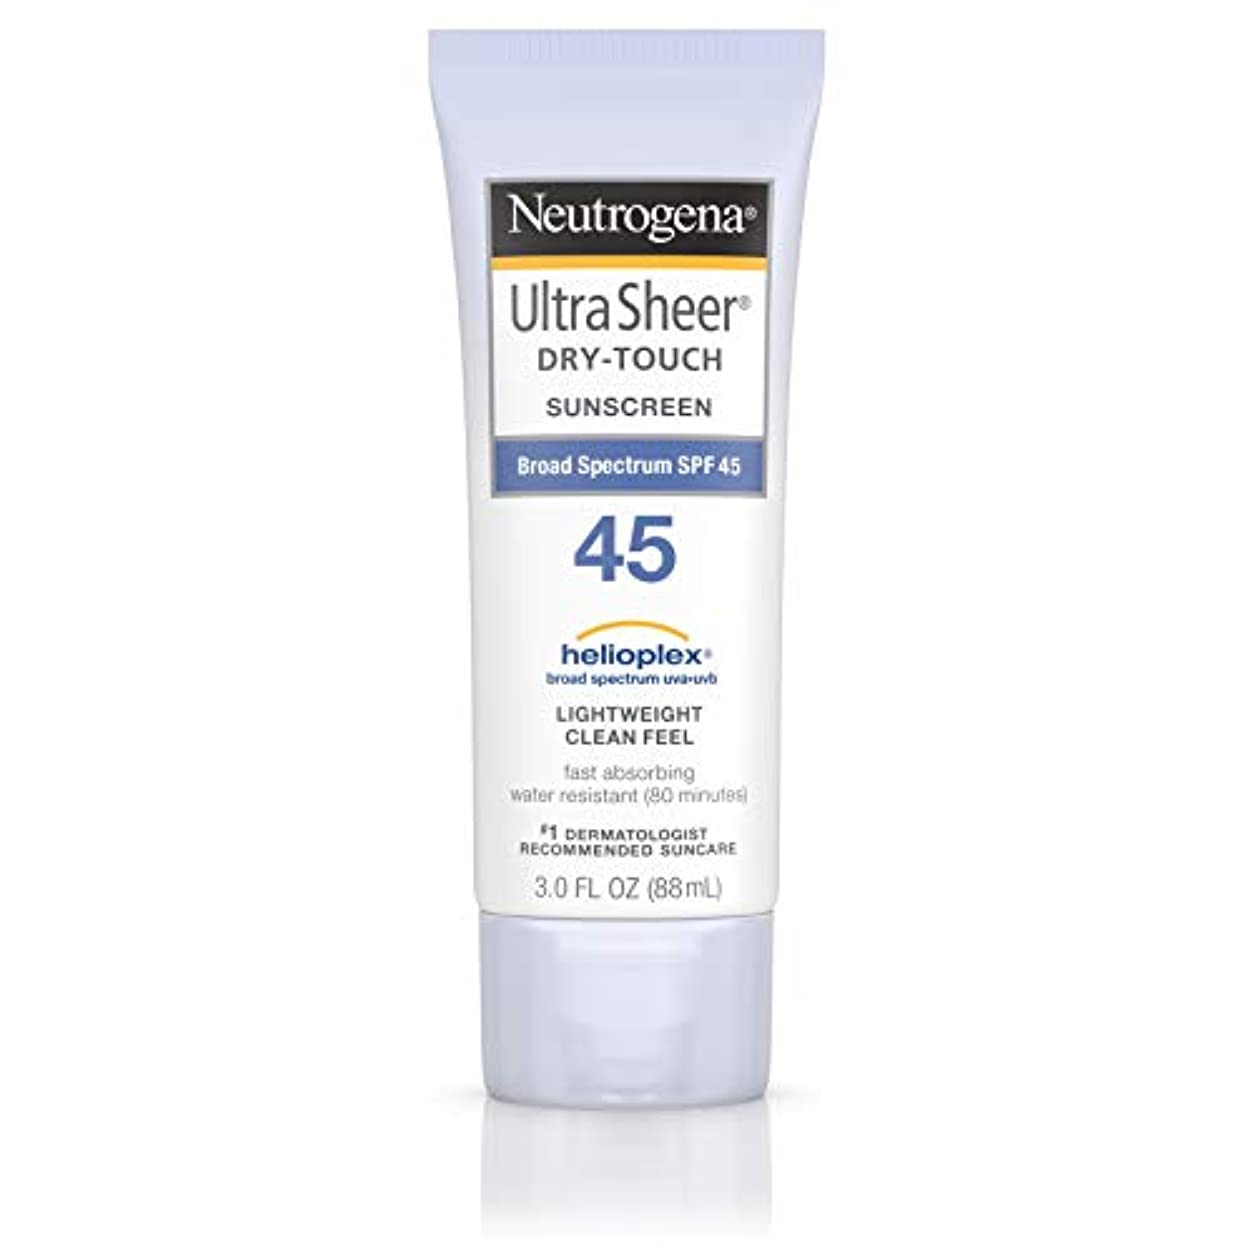 閉じ込める近代化台無しに海外直送品 Neutrogena Neutrogena Ultra Sheer Dry-Touch Sunblock Spf 45【並行輸入品】